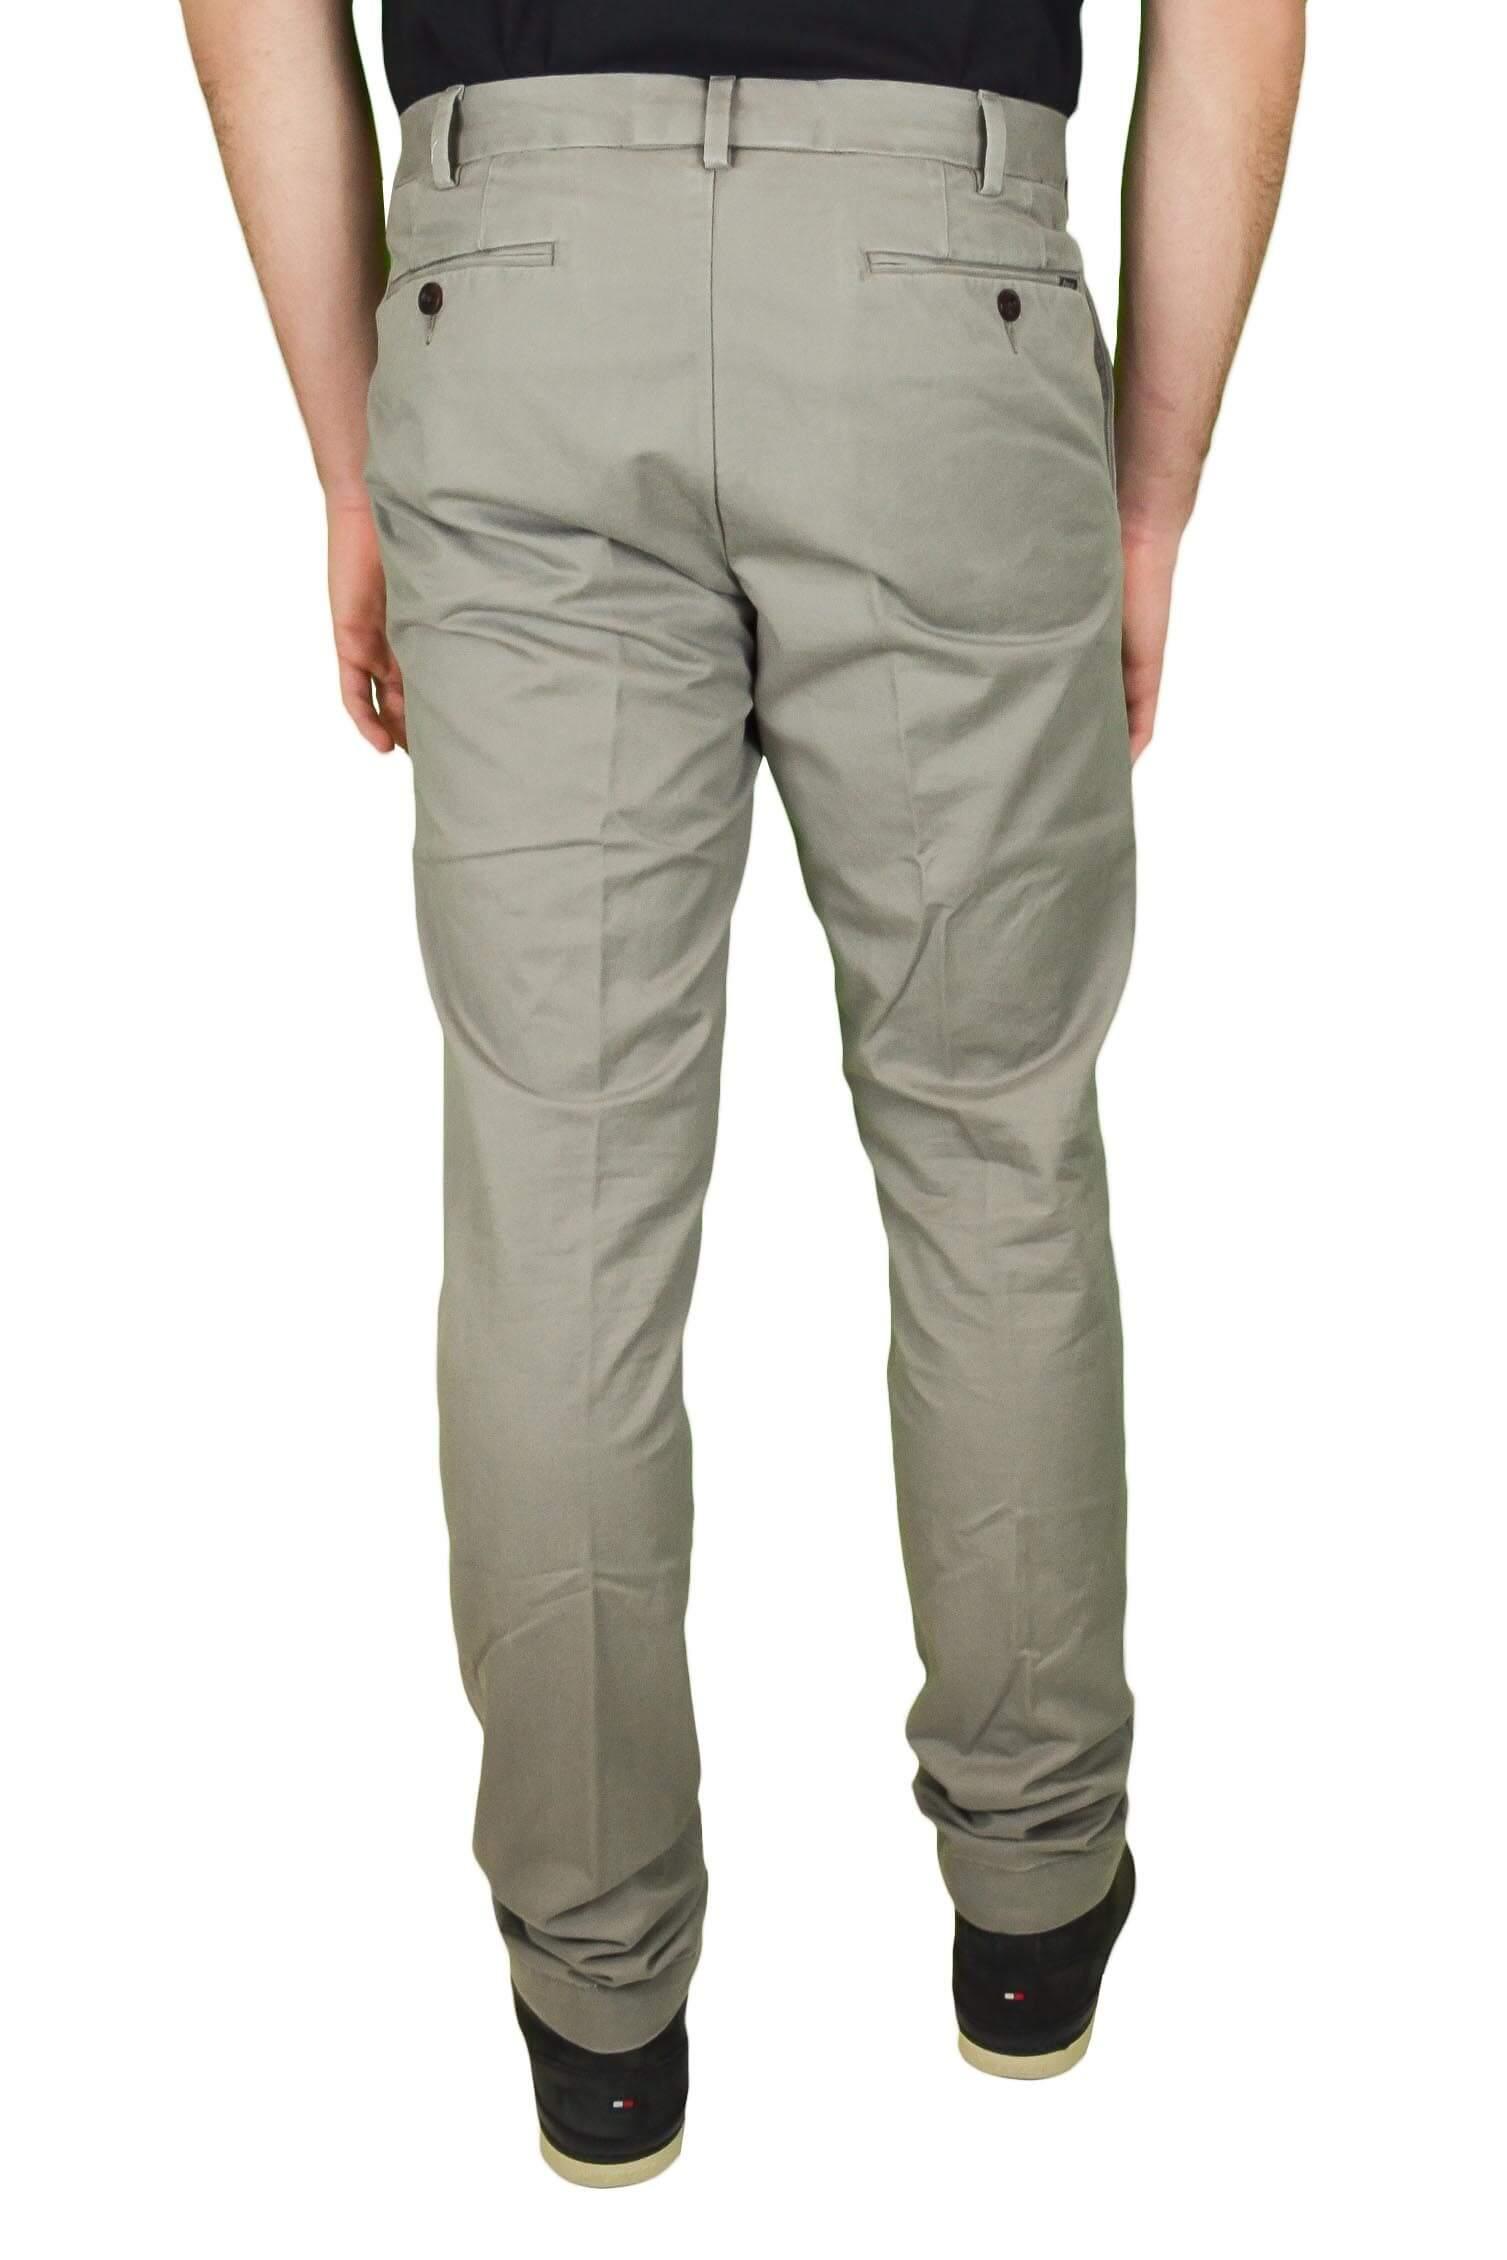 bon out x plus près de large sélection Pantalon chino slim longueur 34 Ralph Lauren gris pour homme - Tou...